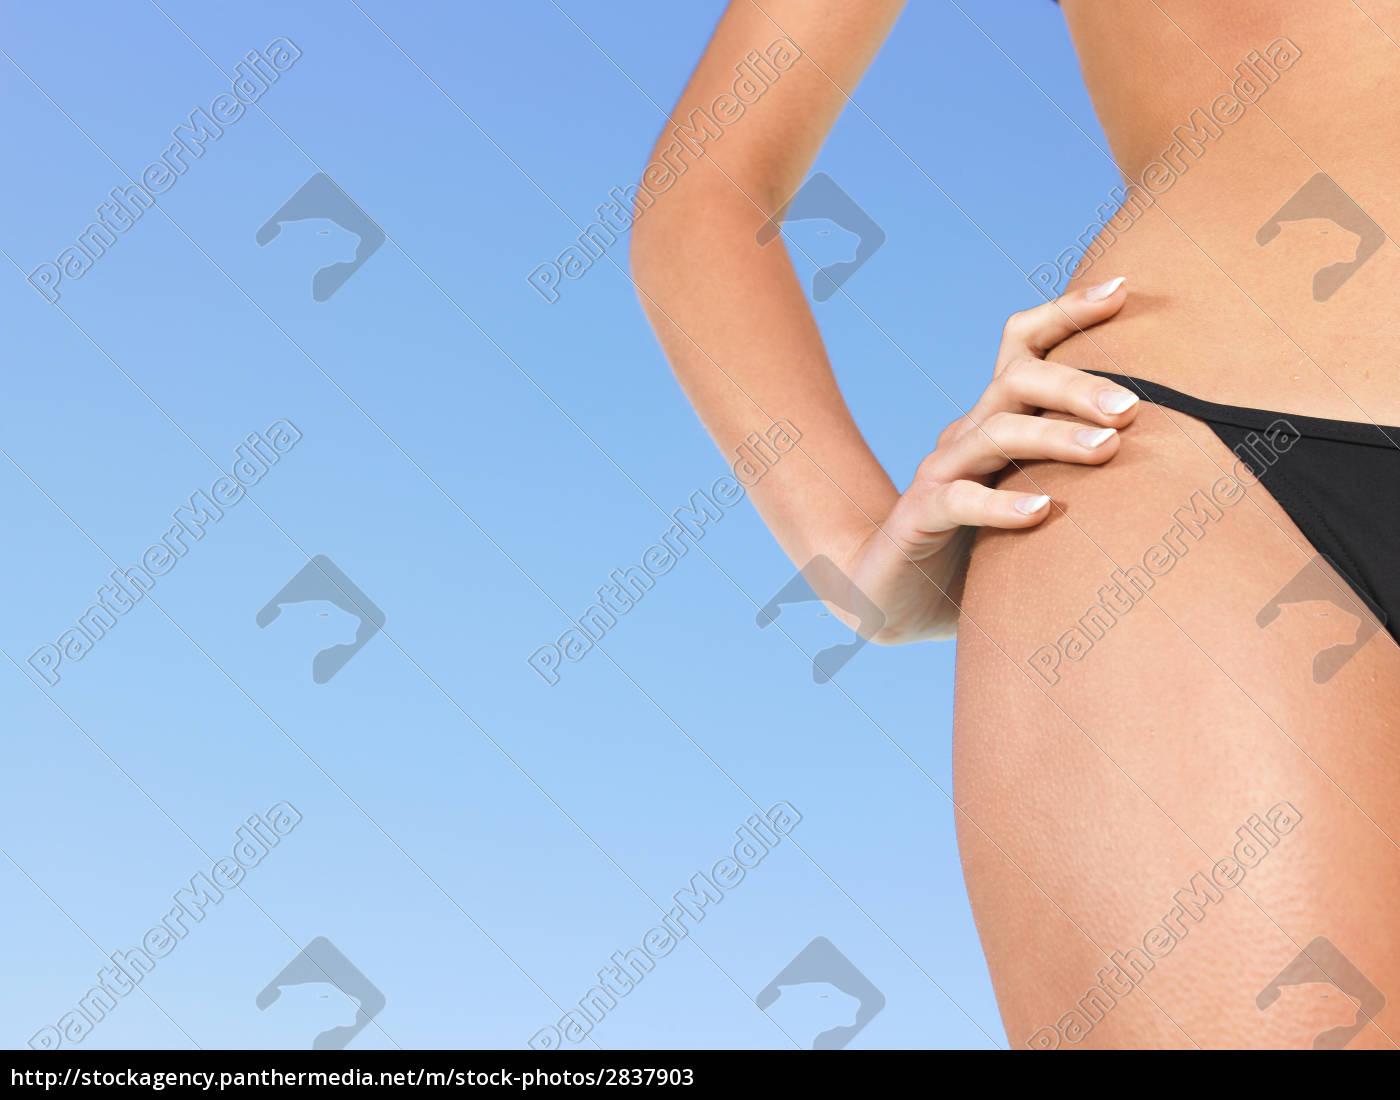 woman, in, bikini - 2837903